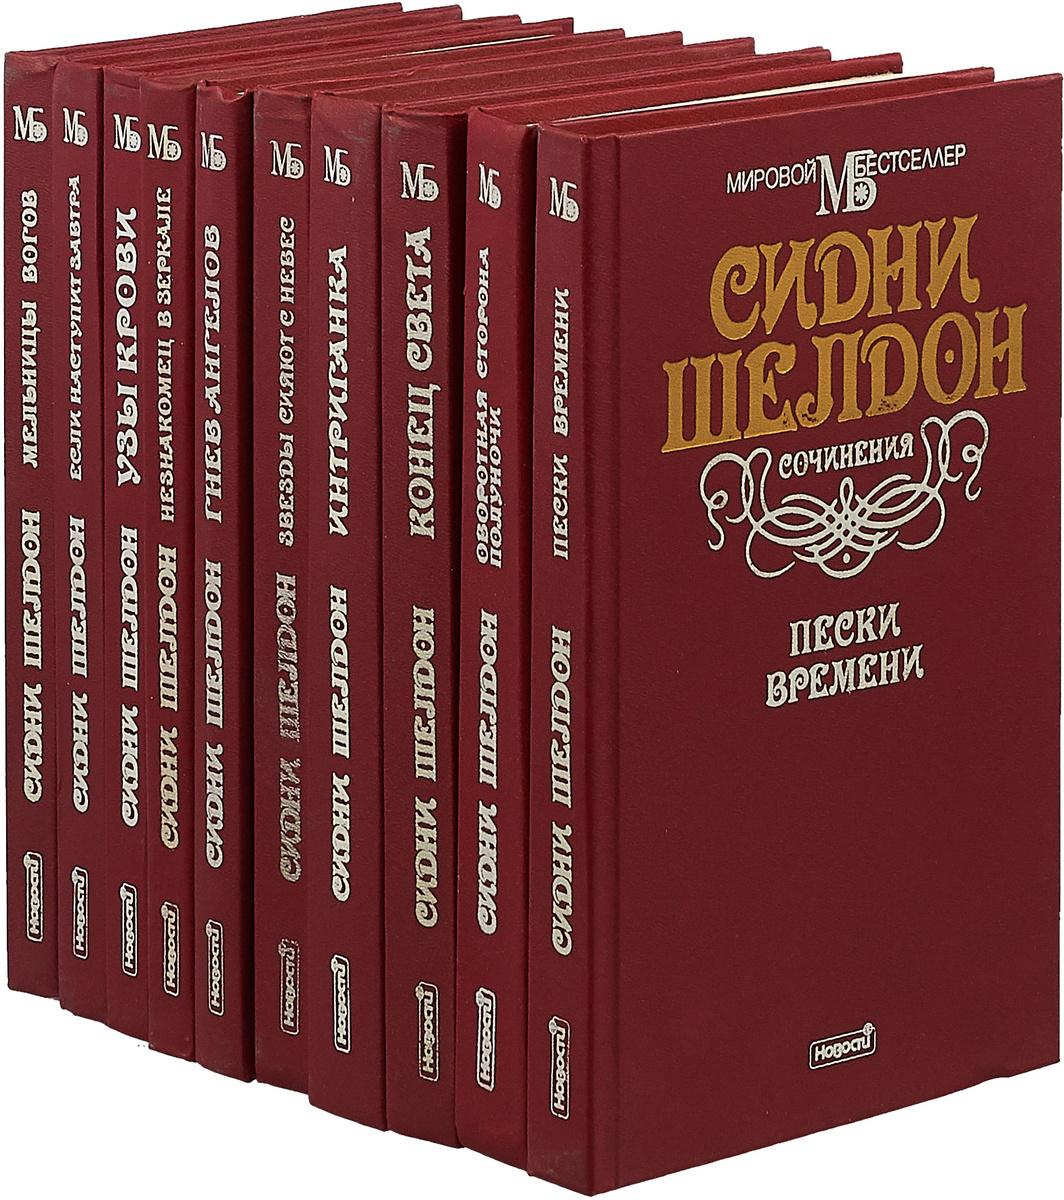 Сидни Шелдон. Собрание сочинений (комплект из 10 книг) #1